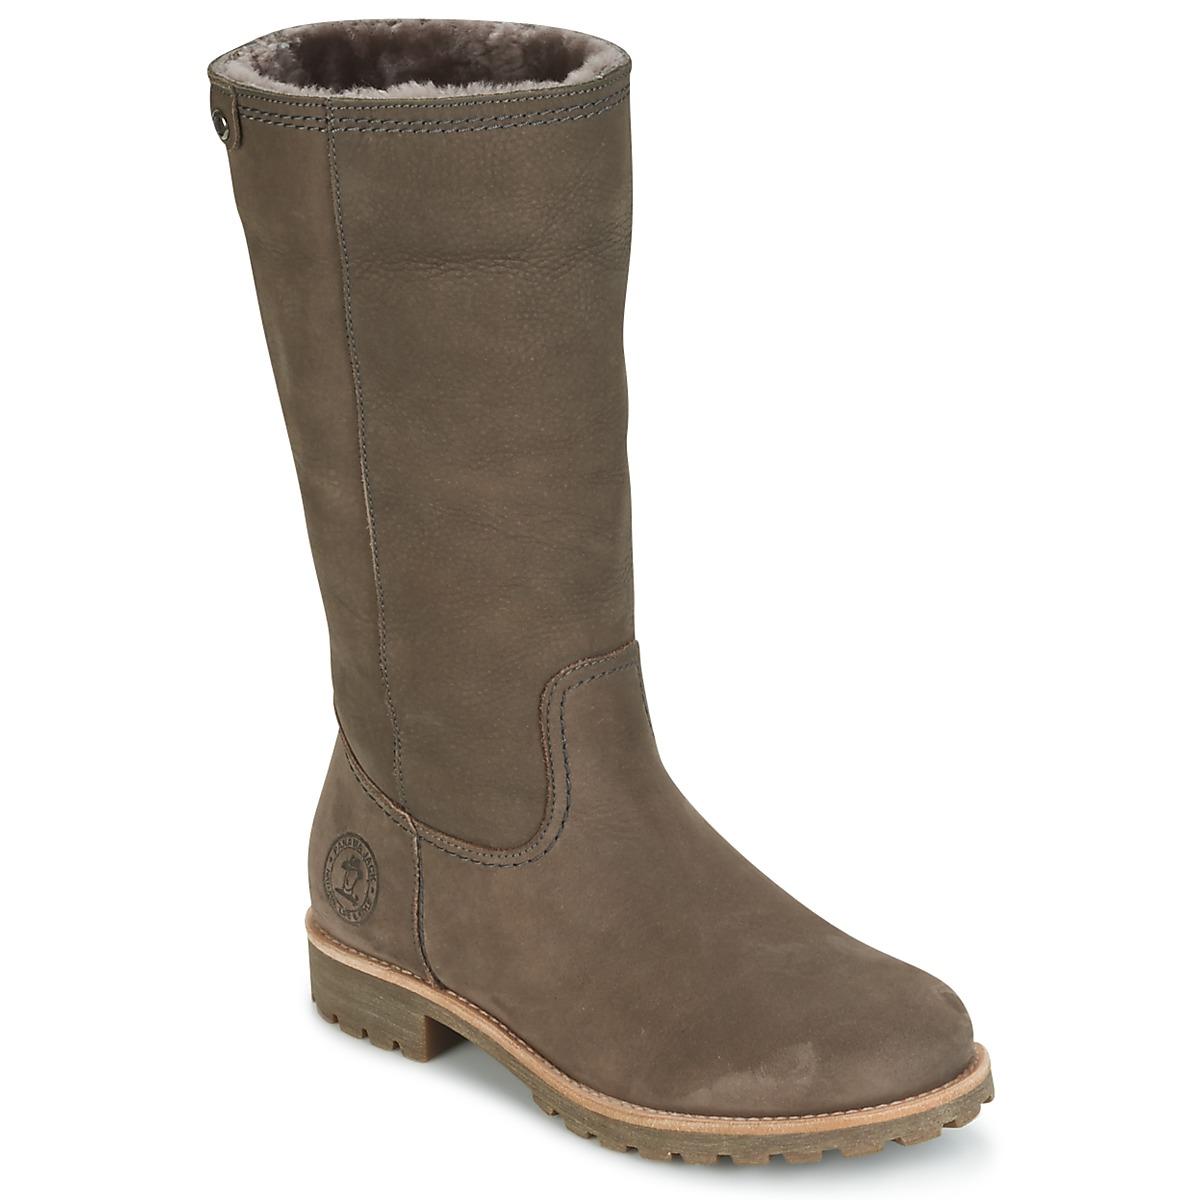 Panama Jack BAMBINA Grau - Kostenloser Versand bei Spartoode ! - Schuhe Klassische Stiefel Damen 215,00 €